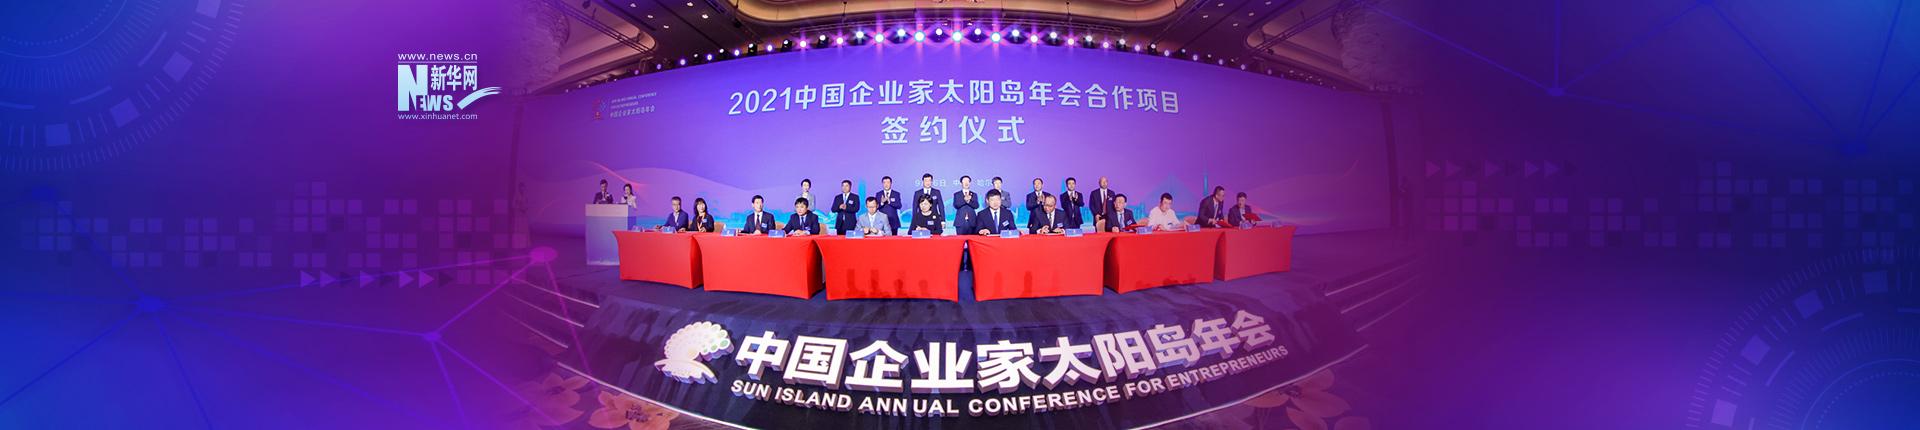 2021中國企業家太陽島年會在哈爾濱召開